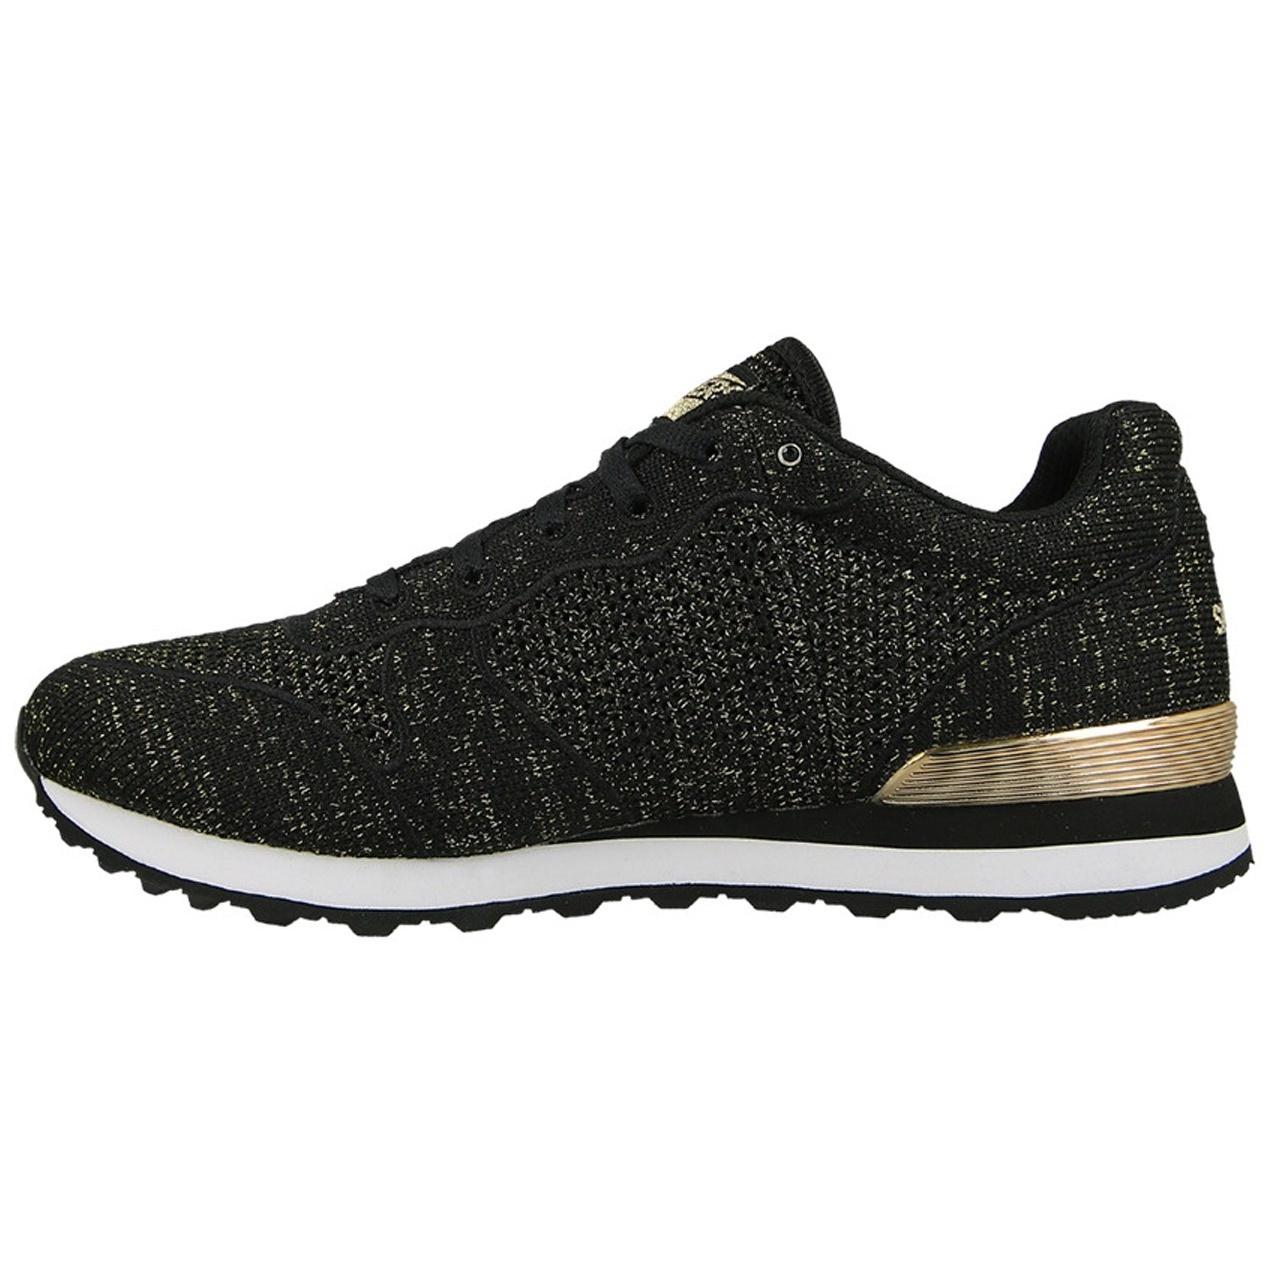 کفش مخصوص دویدن زنانه اسکچرز مدل 709BKGD